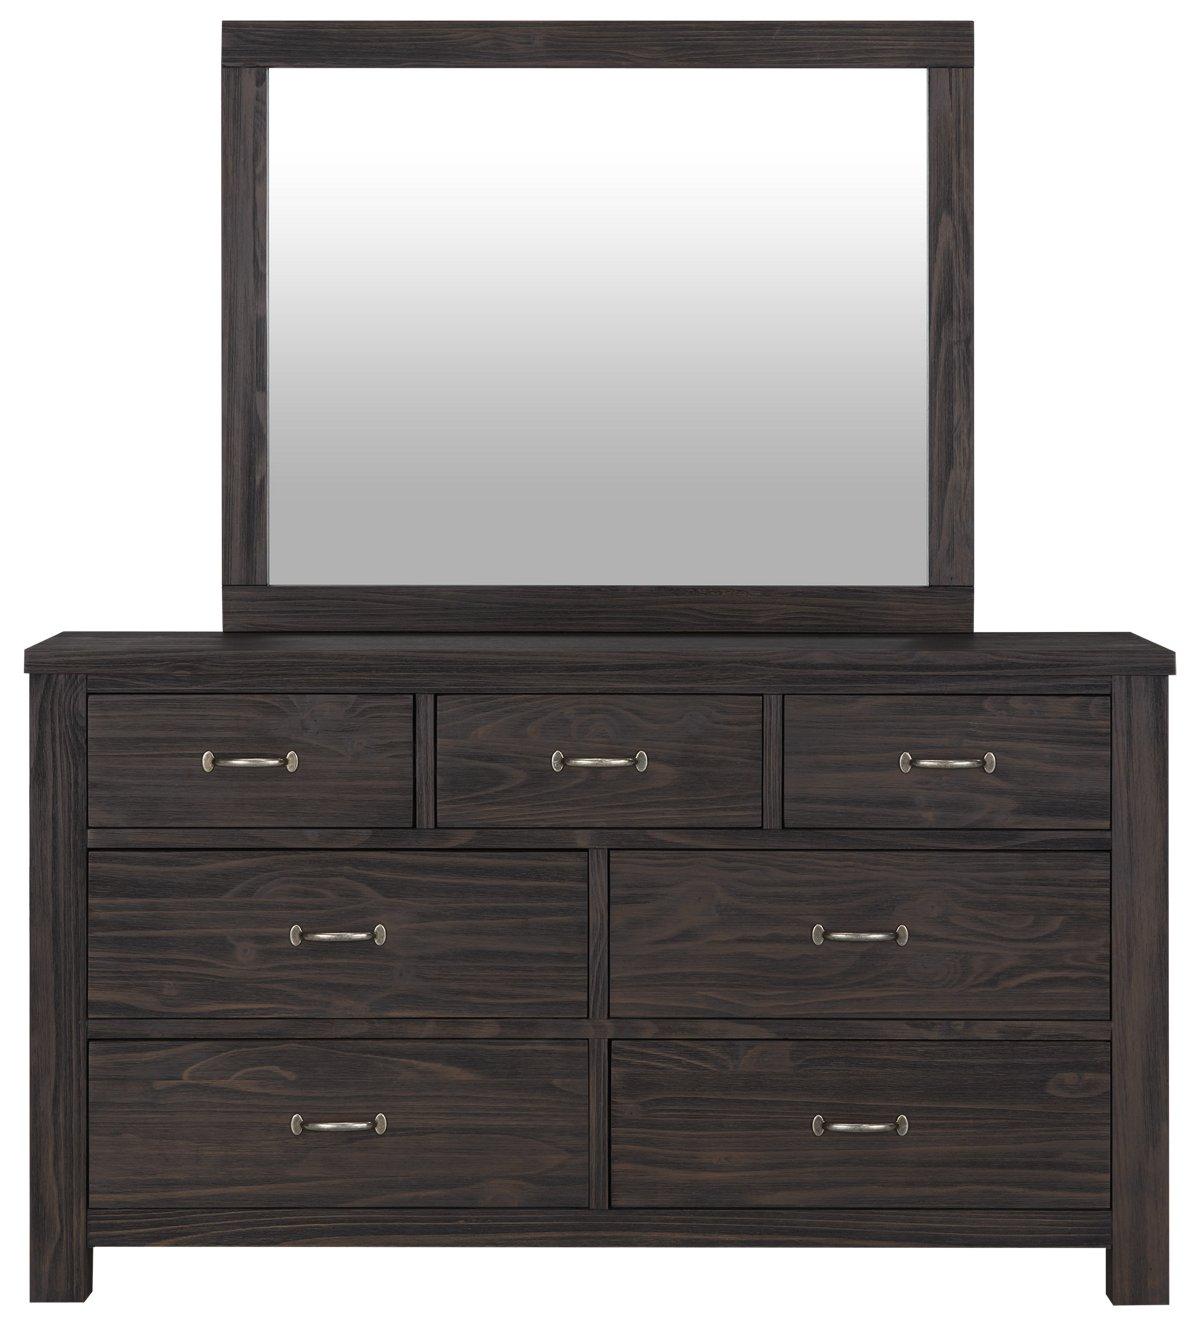 Highlands Dark Tone Wood Dresser & Mirror